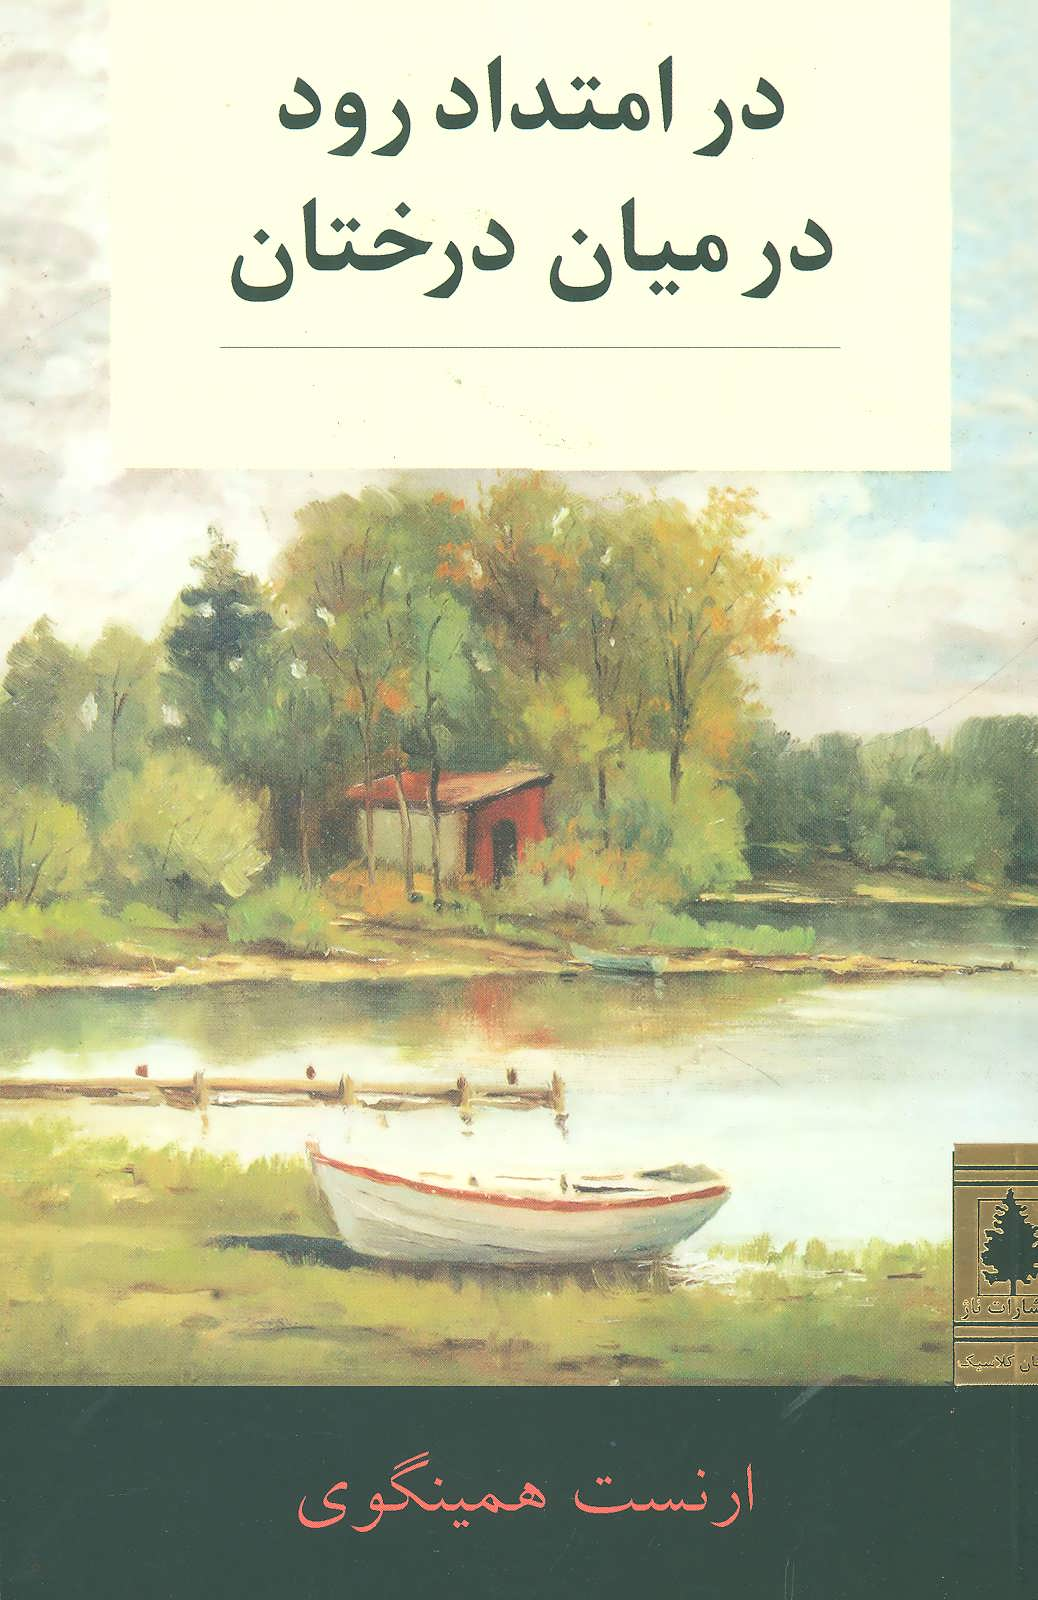 در امتداد رود در میان درختان (داستان کلاسیک)